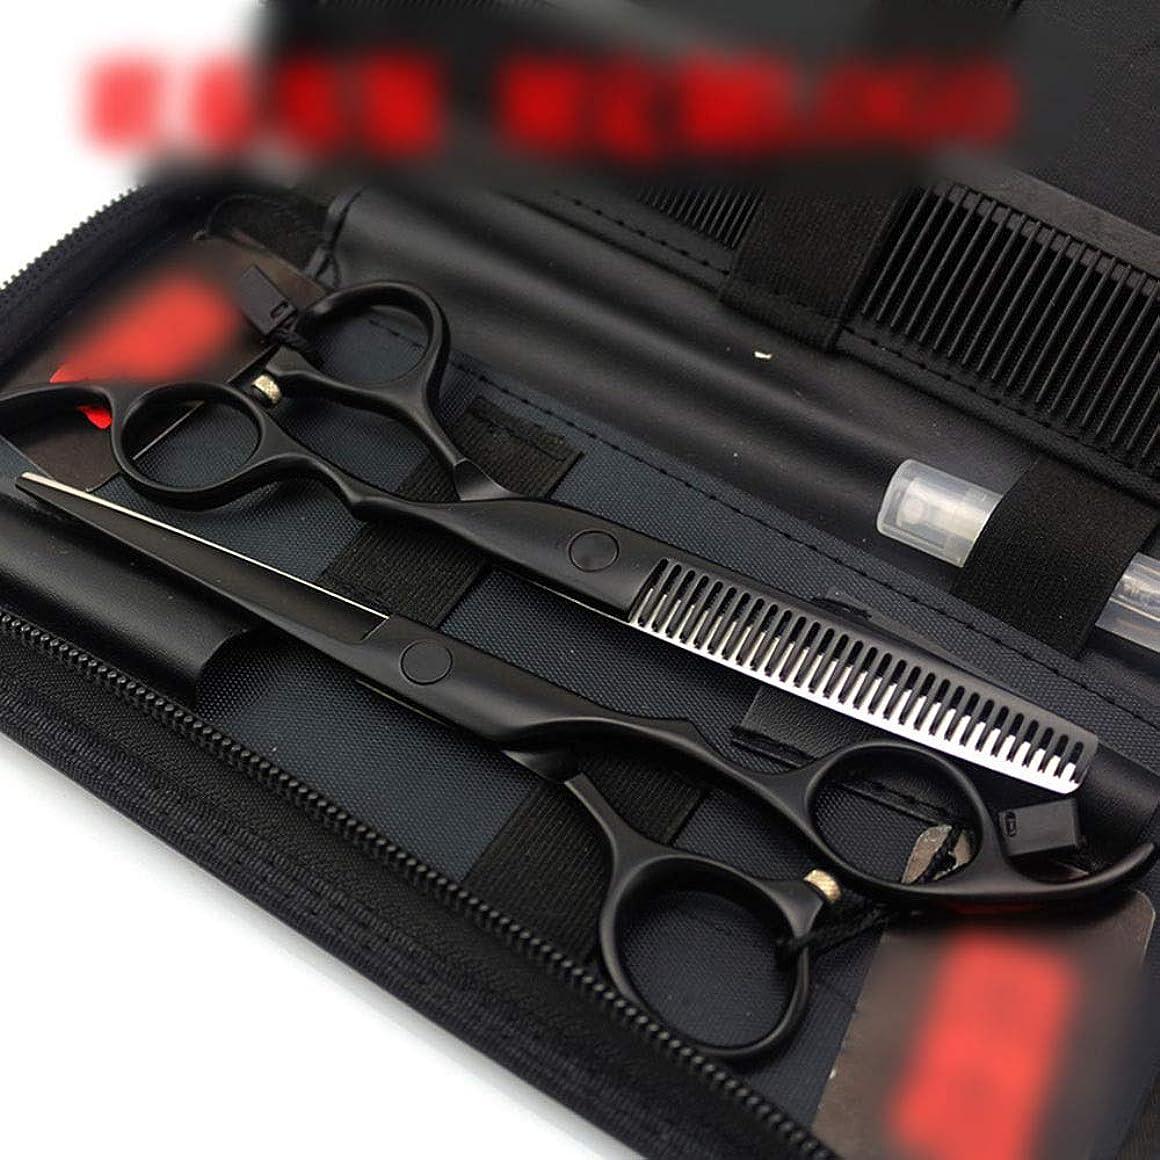 伝染性のクリーナー難しいパーソナライズ6インチブラック塗装ハンドハンドル理髪はさみフラットはさみ+歯はさみ モデリングツール (色 : 黒)